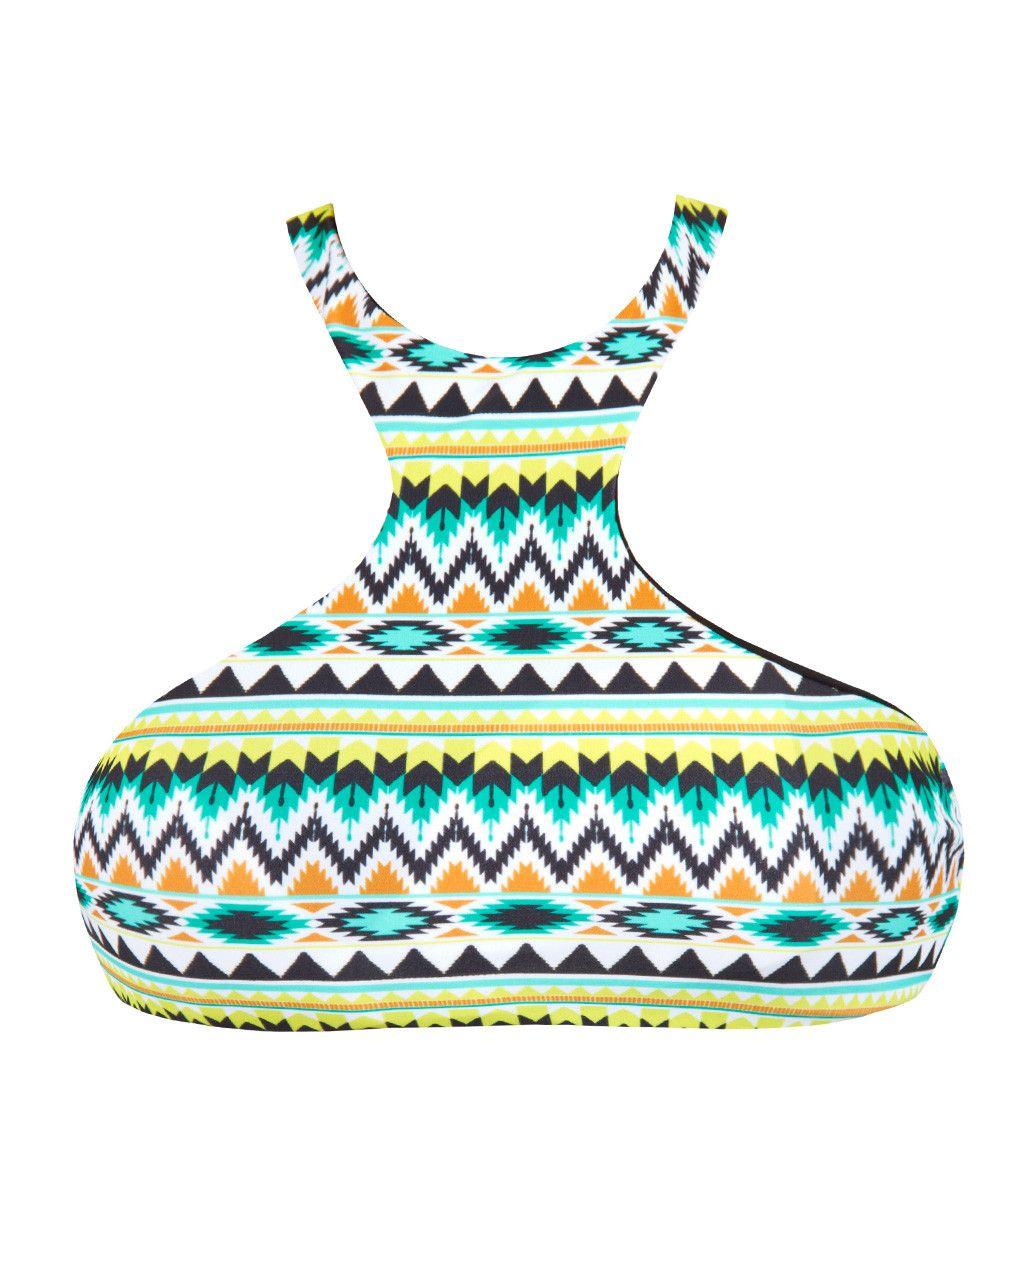 Issa de' Mar Sola Bikini Top from Sundance Beach